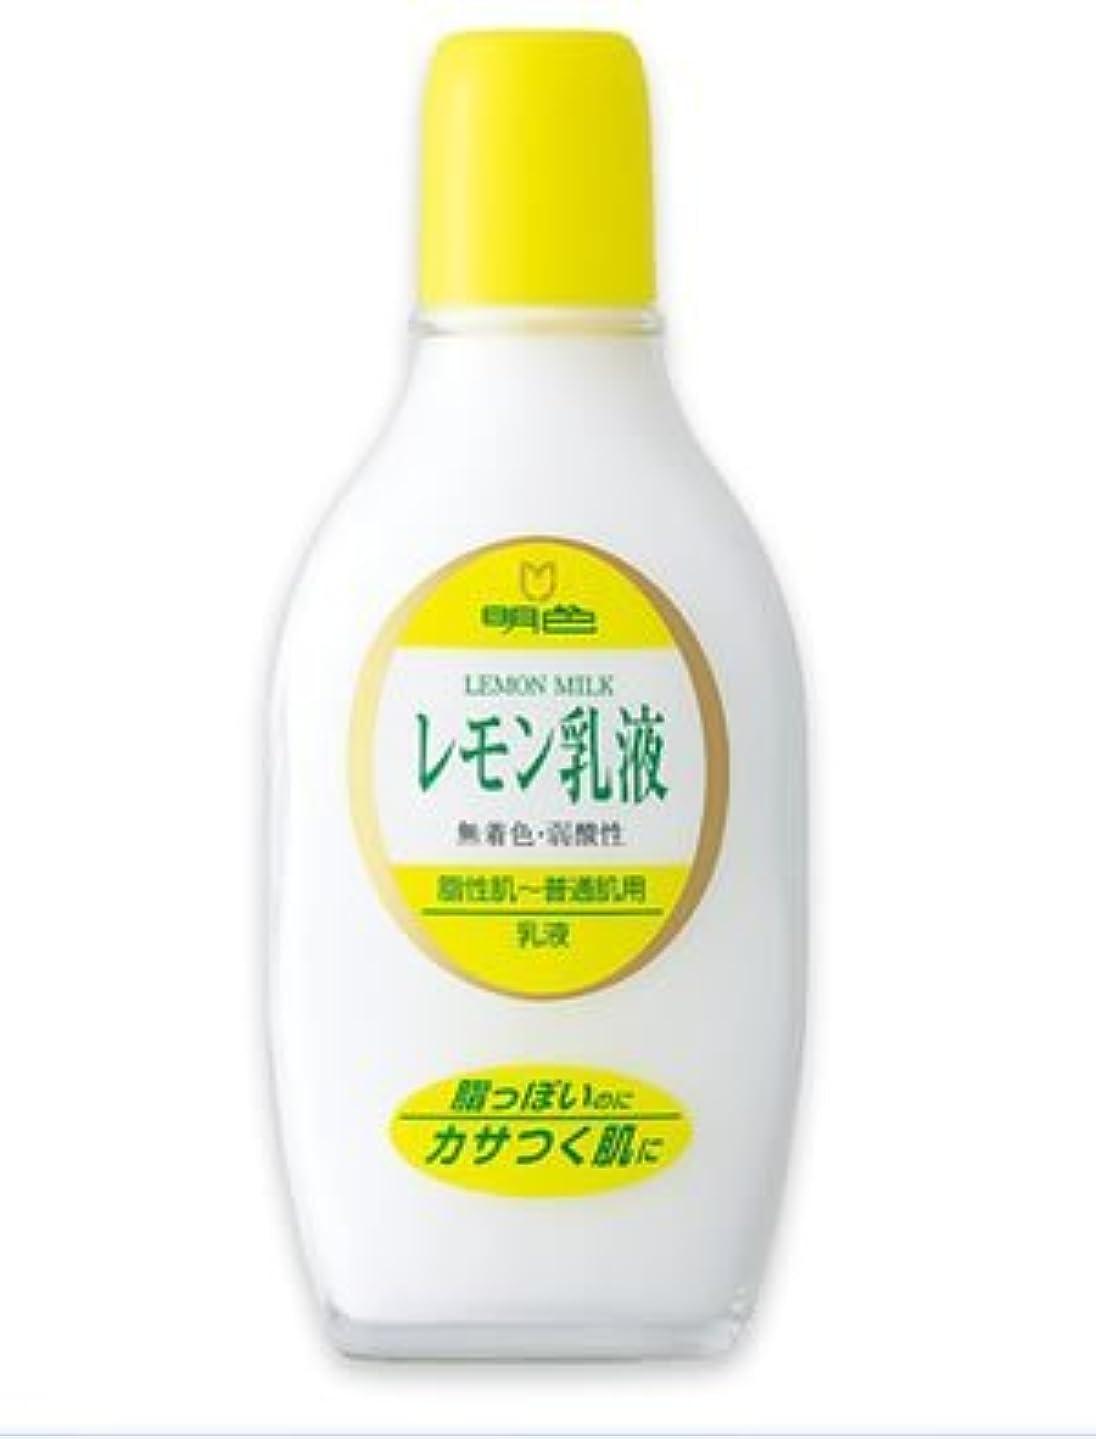 スプリット教育者忌まわしい(明色)レモン乳液 158ml(お買い得3本セット)